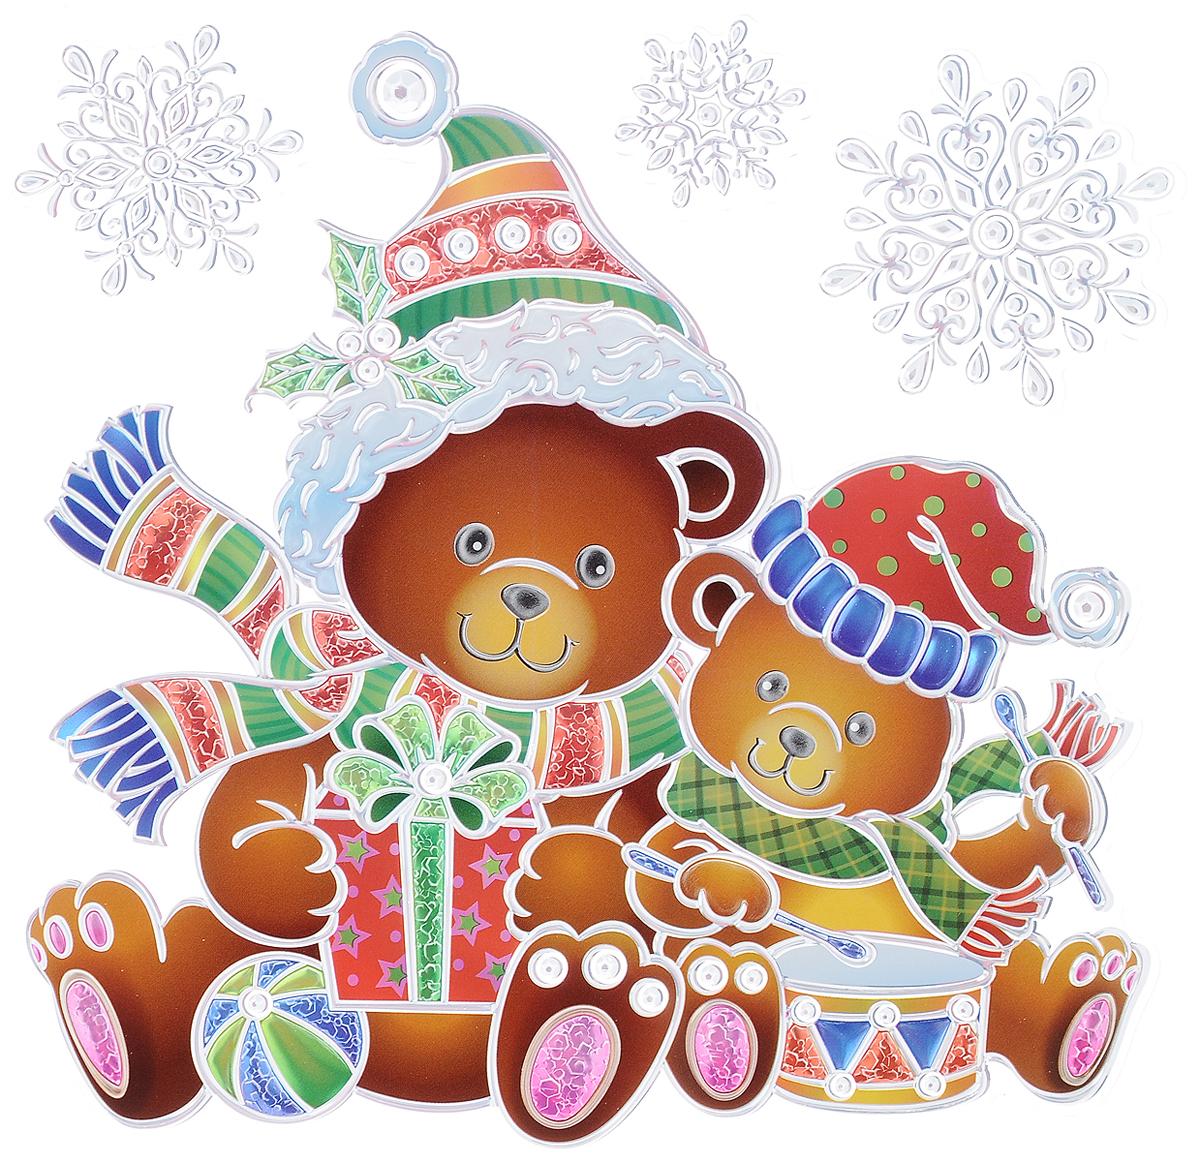 Украшение новогоднее оконное Winter Wings Мишки, 4 штN09343Новогоднее оконное украшение Winter Wings Мишки поможет украсить дом к предстоящим праздникам. Наклейки изготовлены из ПВХ. С помощью этих украшений вы сможете оживить интерьер по своему вкусу, наклеить их на окно, на зеркало или на дверь. Новогодние украшения всегда несут в себе волшебство и красоту праздника. Создайте в своем доме атмосферу тепла, веселья и радости, украшая его всей семьей. Размер листа: 18 х 24 см. Количество наклеек на листе: 4 шт. Размер самой большой наклейки: 17 х 16 см. Размер самой маленькой наклейки: 3 х 3 см.